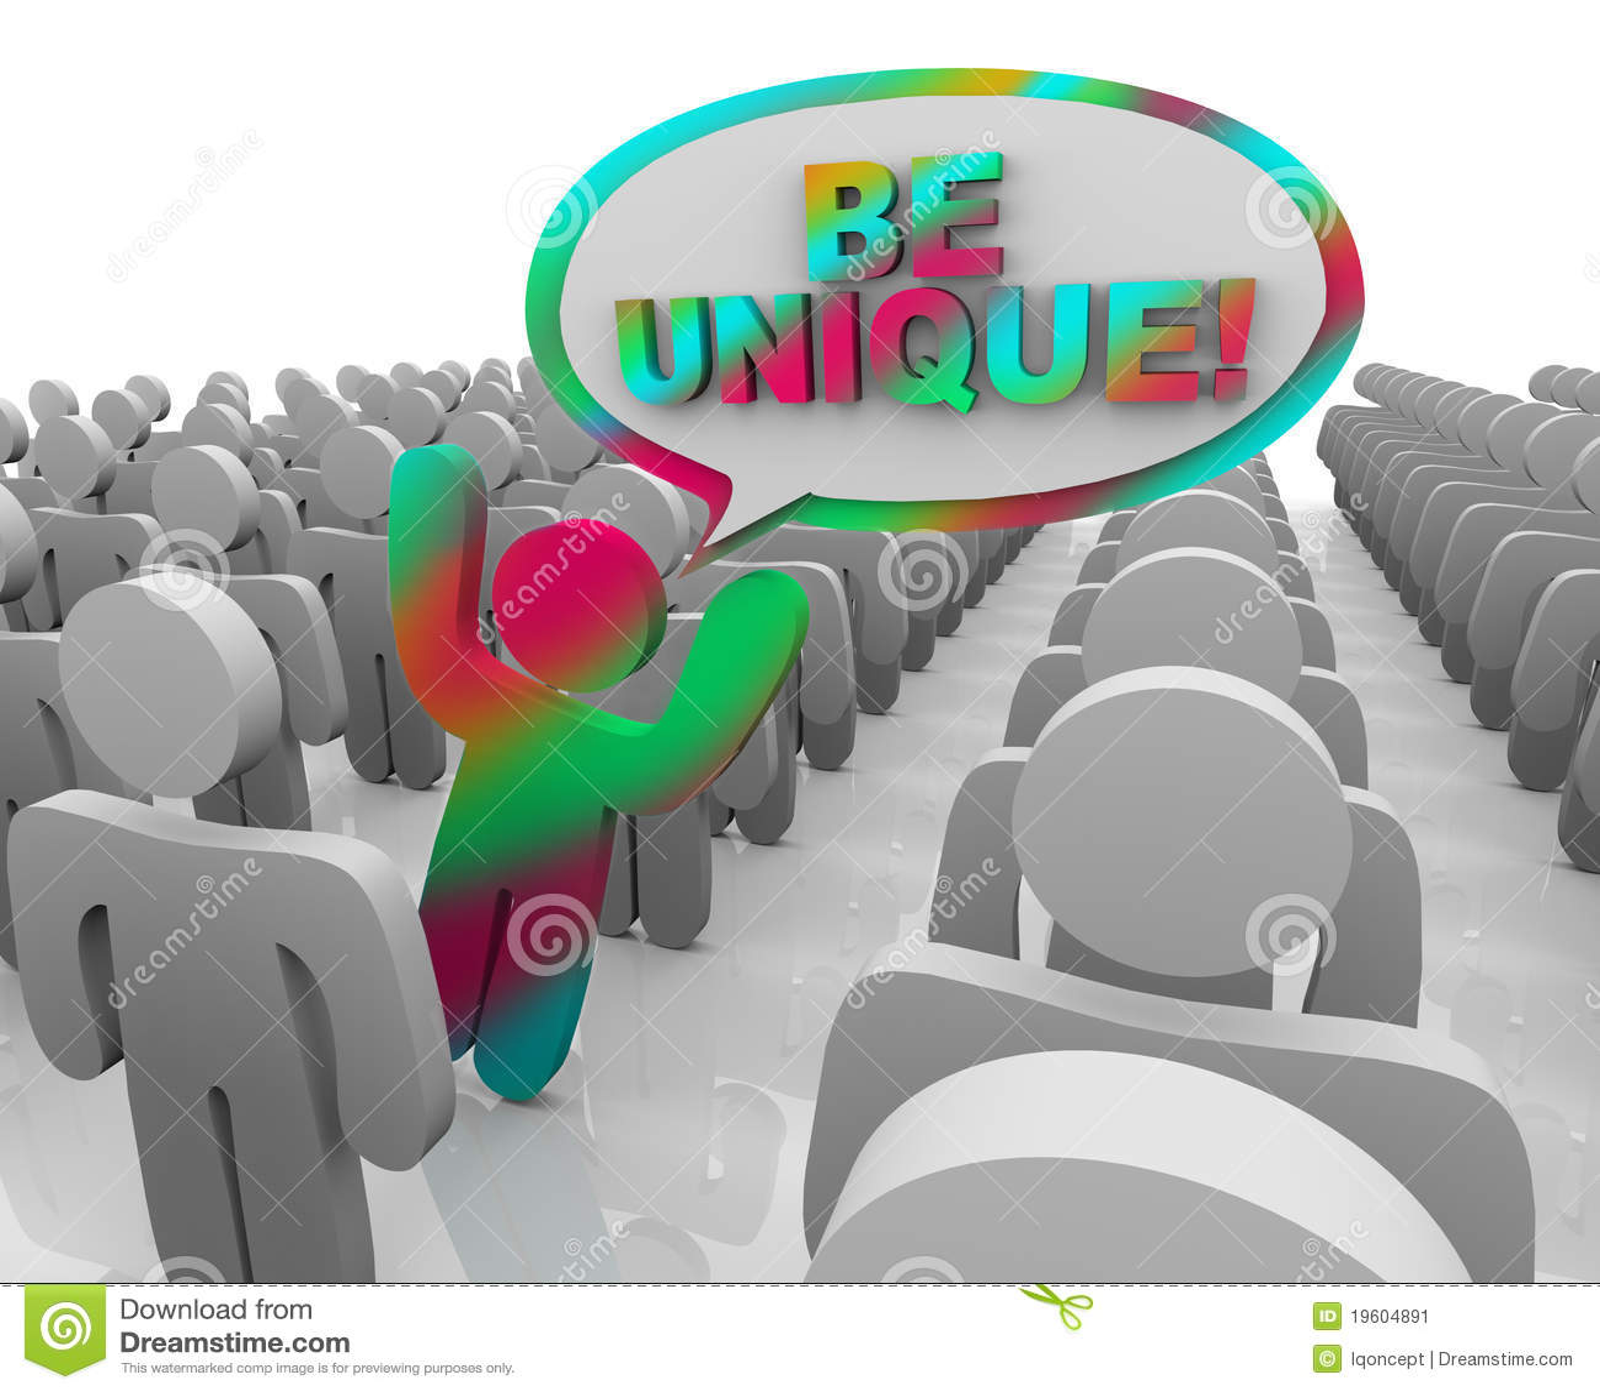 Unique Pictures (40) - WujinSHike.com